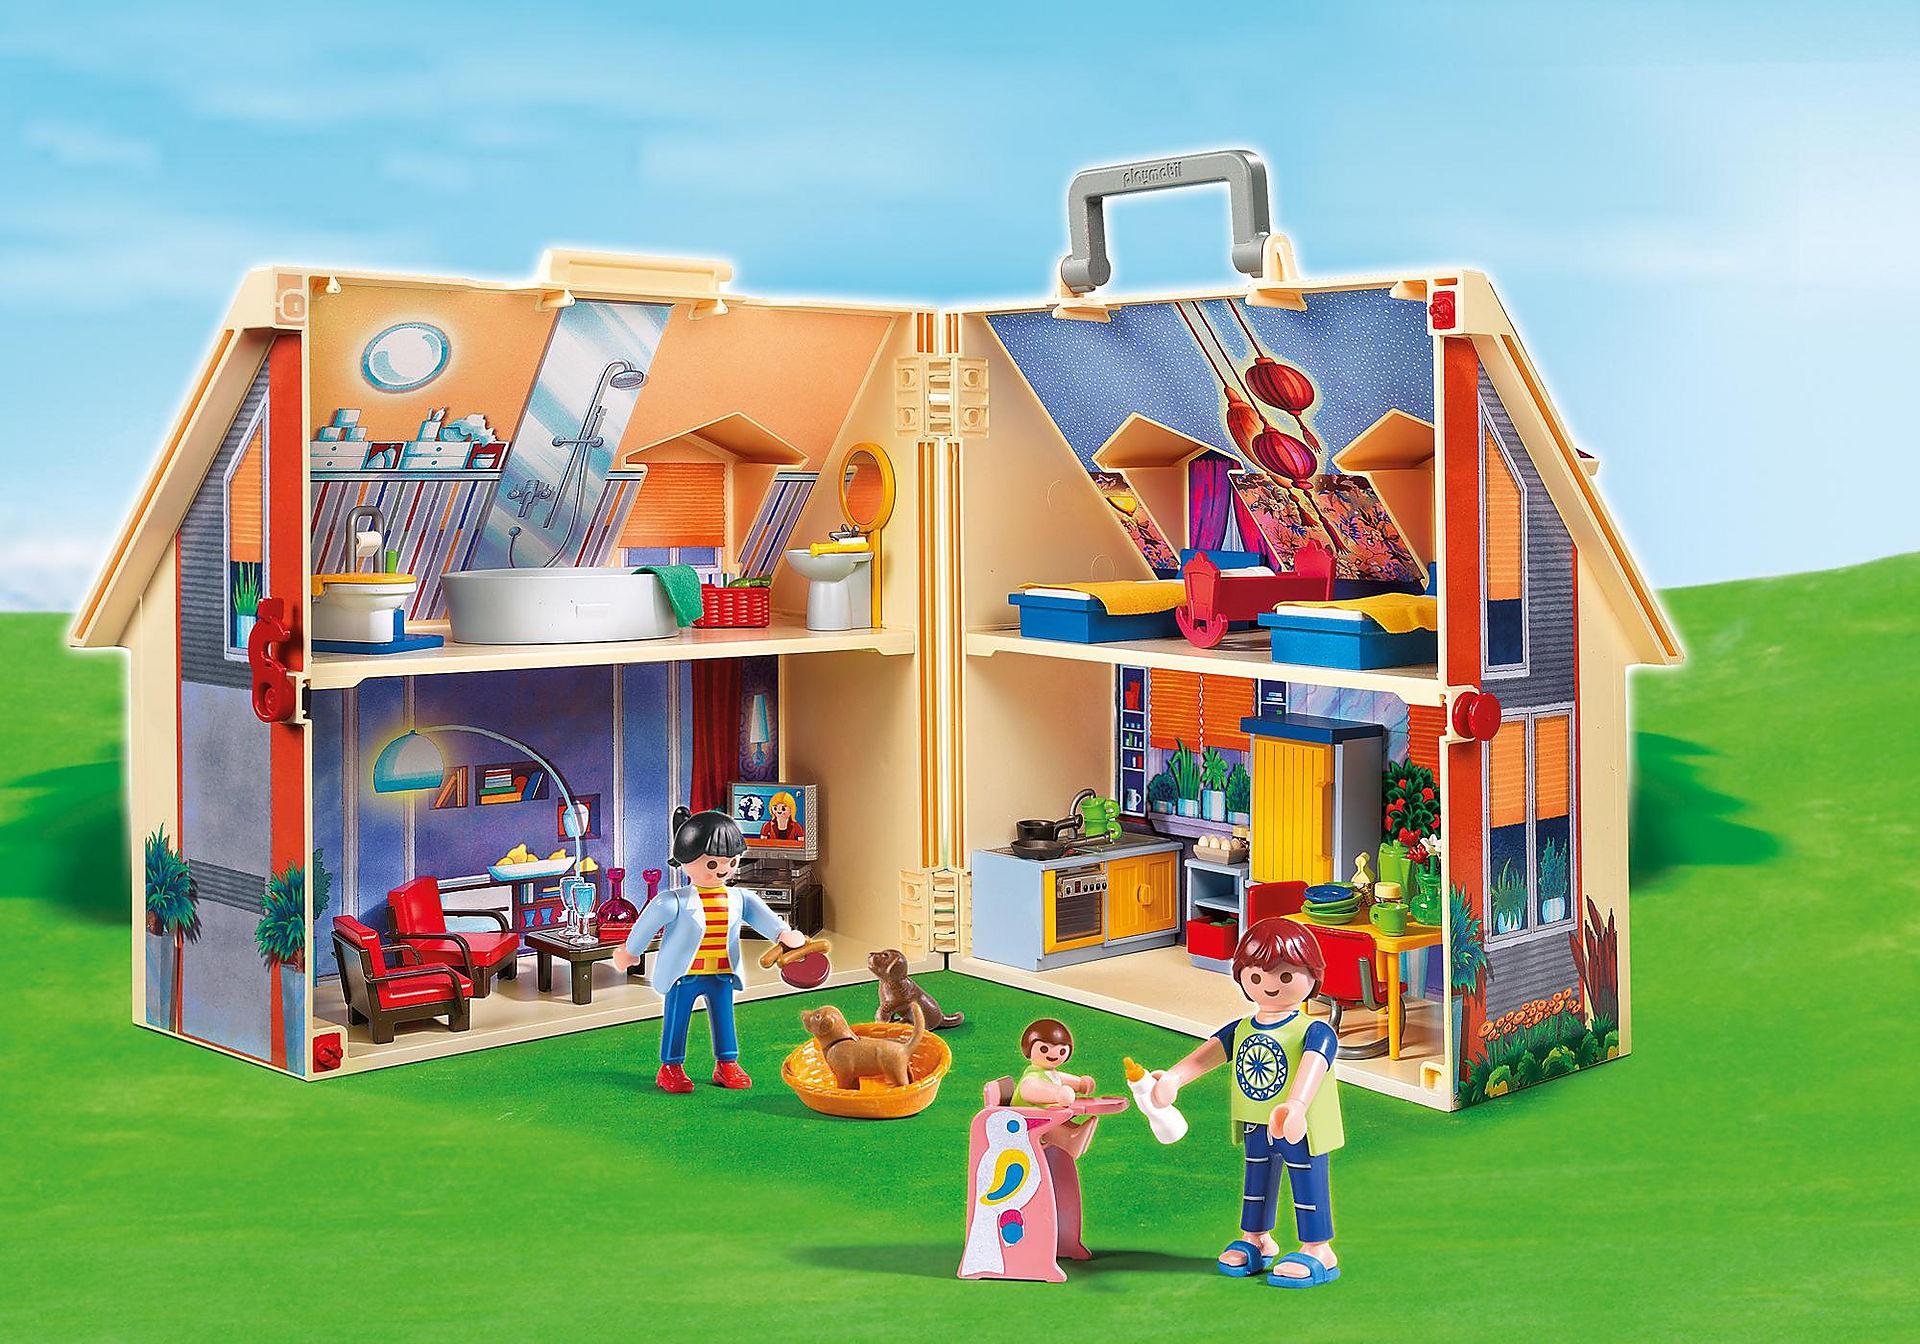 http://media.playmobil.com/i/playmobil/5167_product_detail/Mitt bärbara dockhus